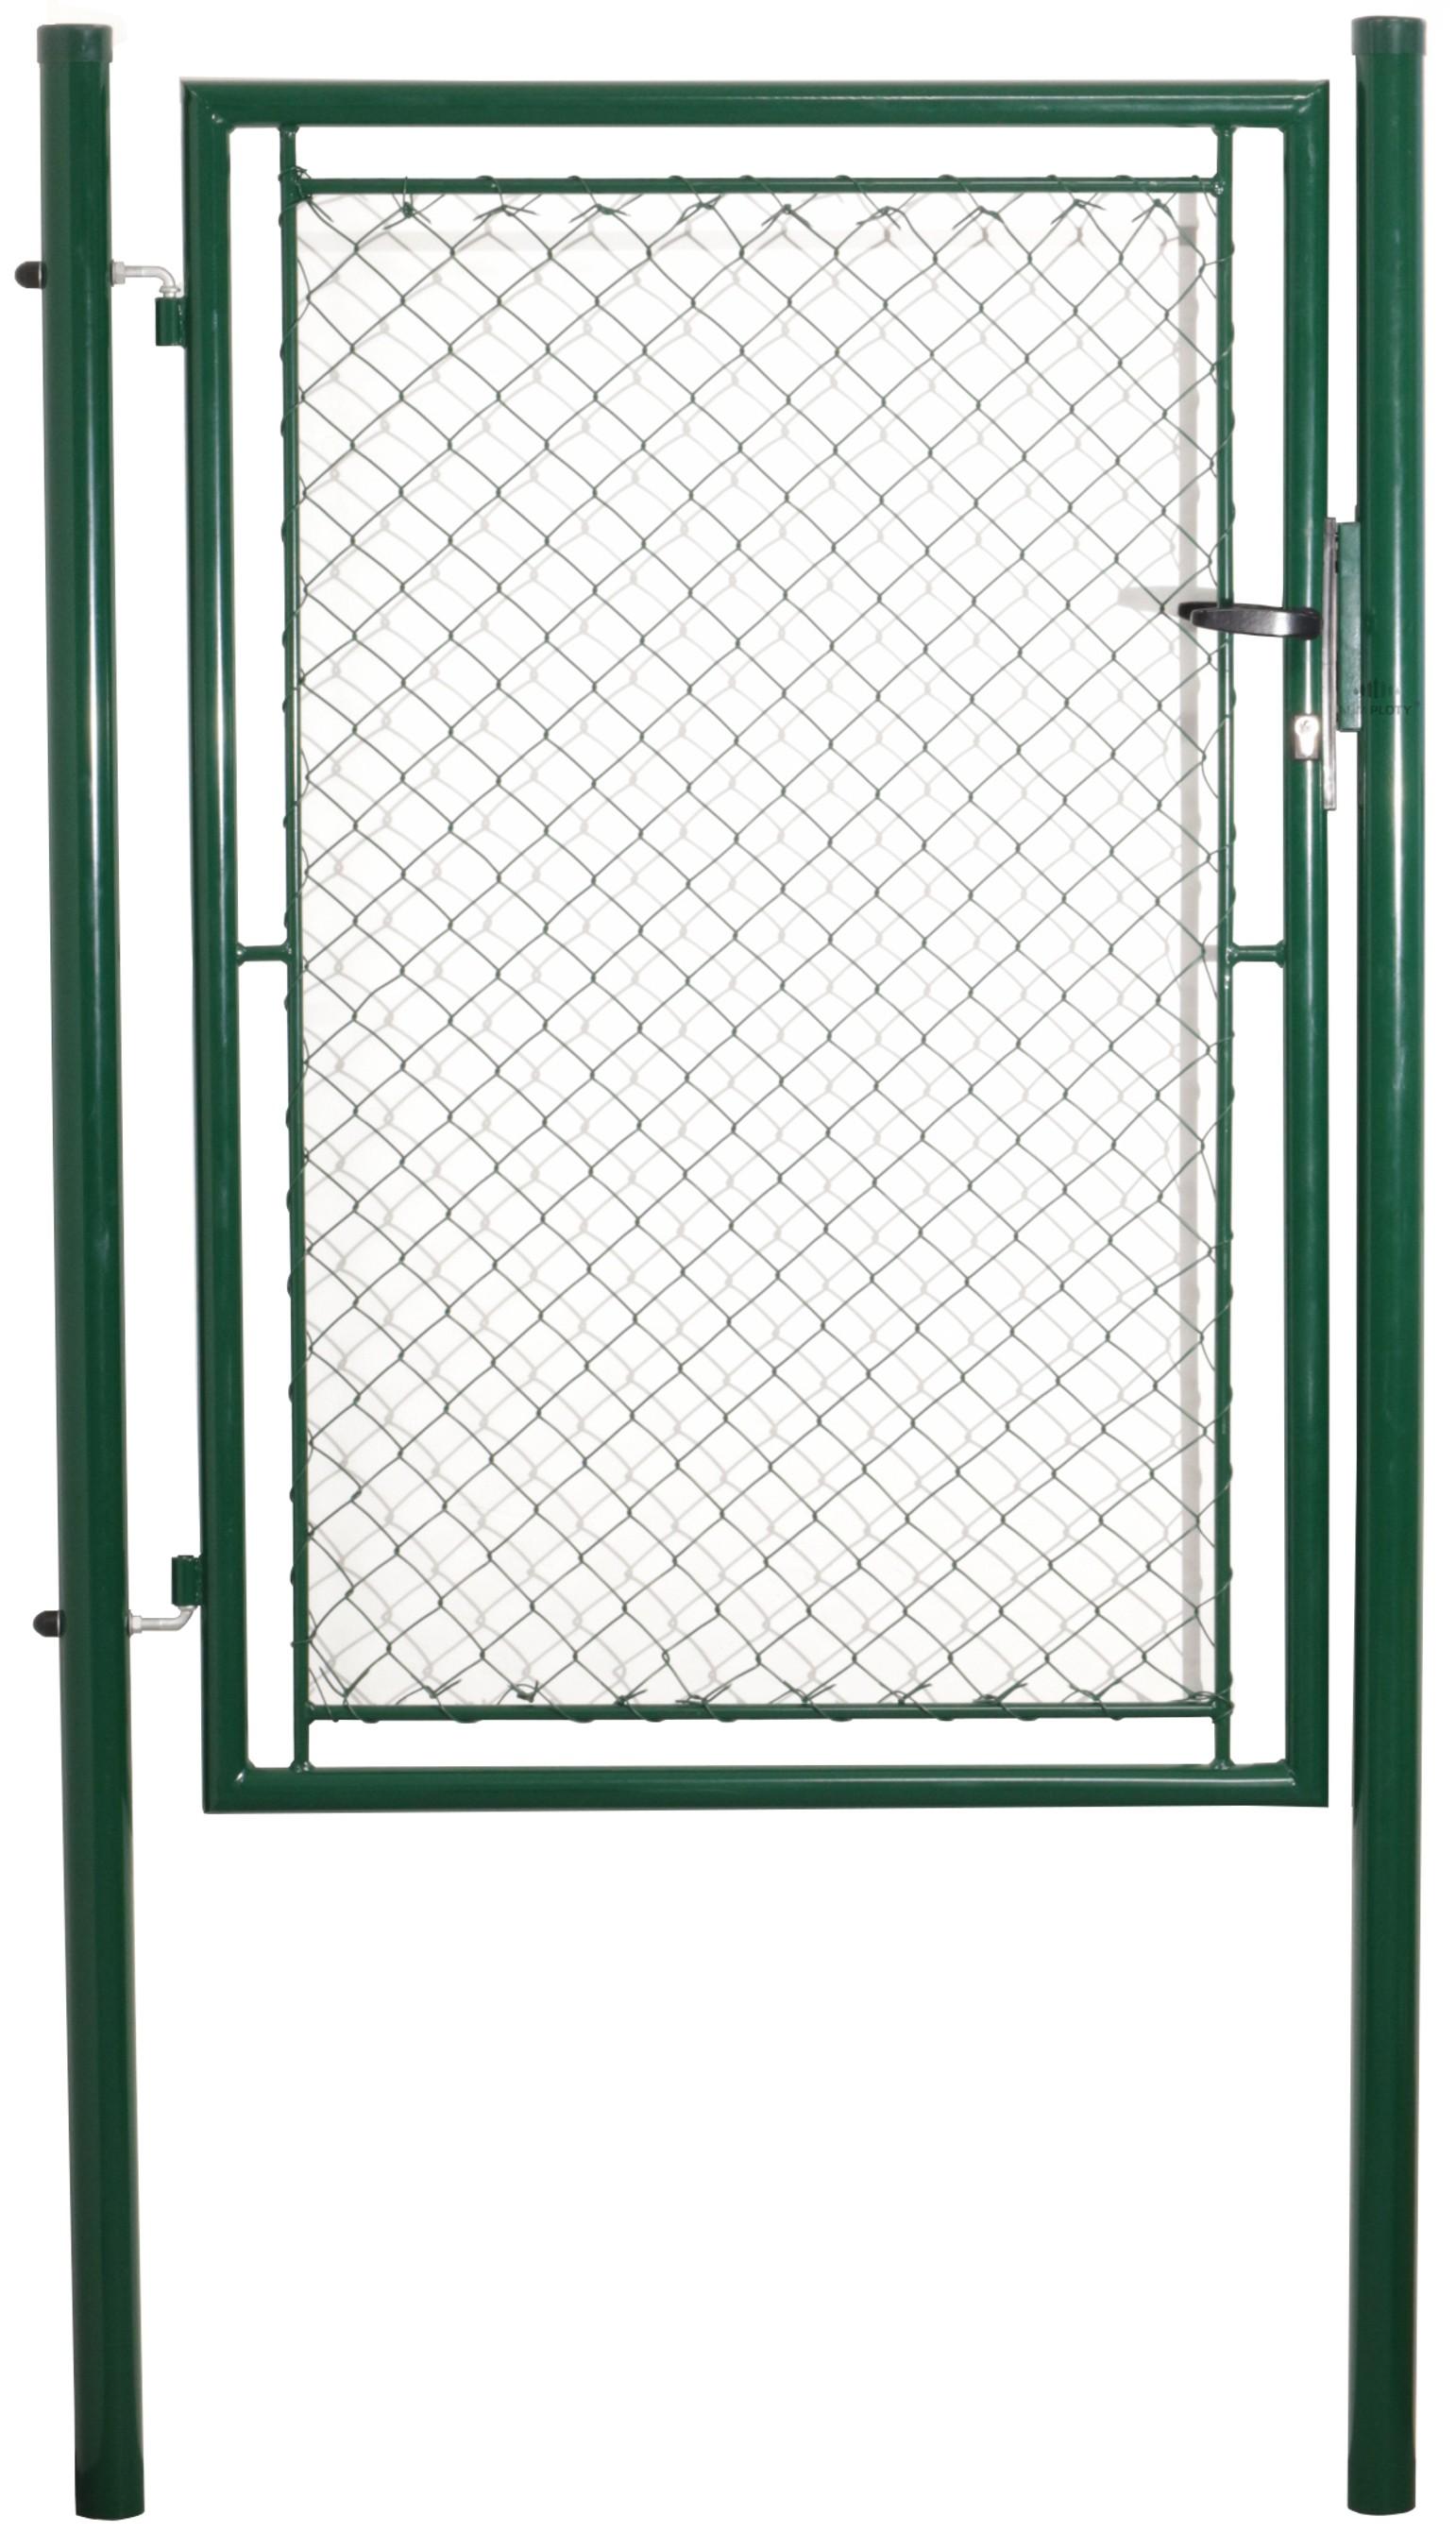 Jednokřídlá branka, pletivo, zelená, rozměry 1085x950 mm, Zn+PVC